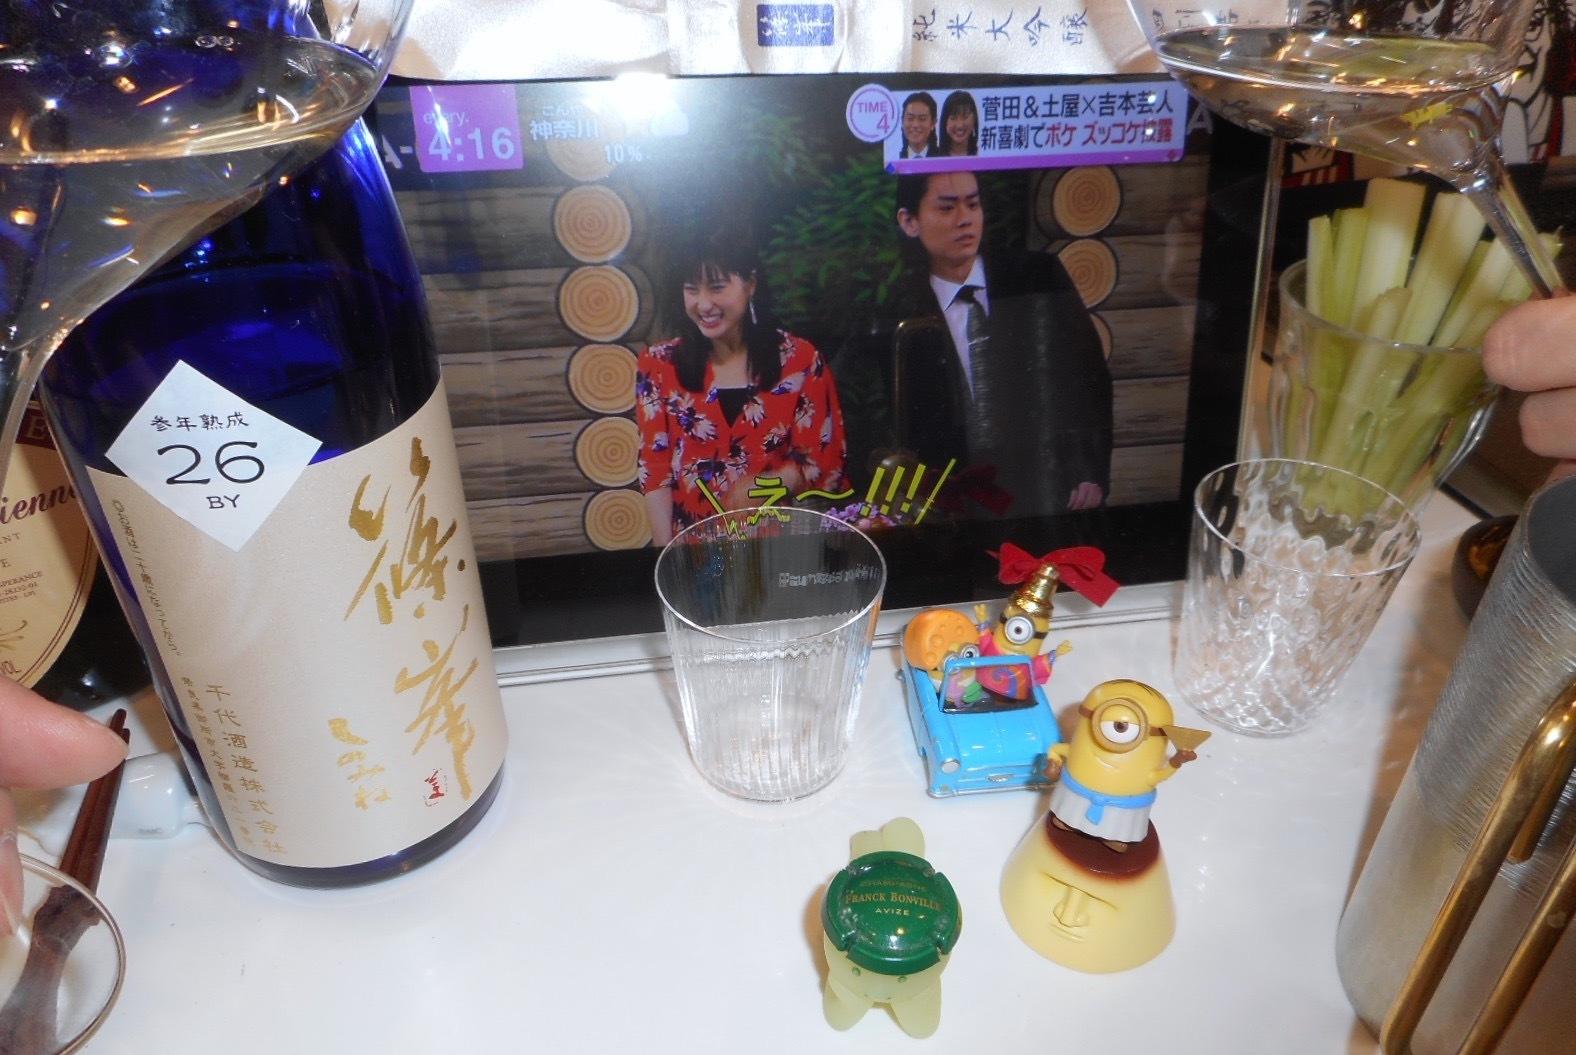 sinomine_yamada40sannen26by5.jpg